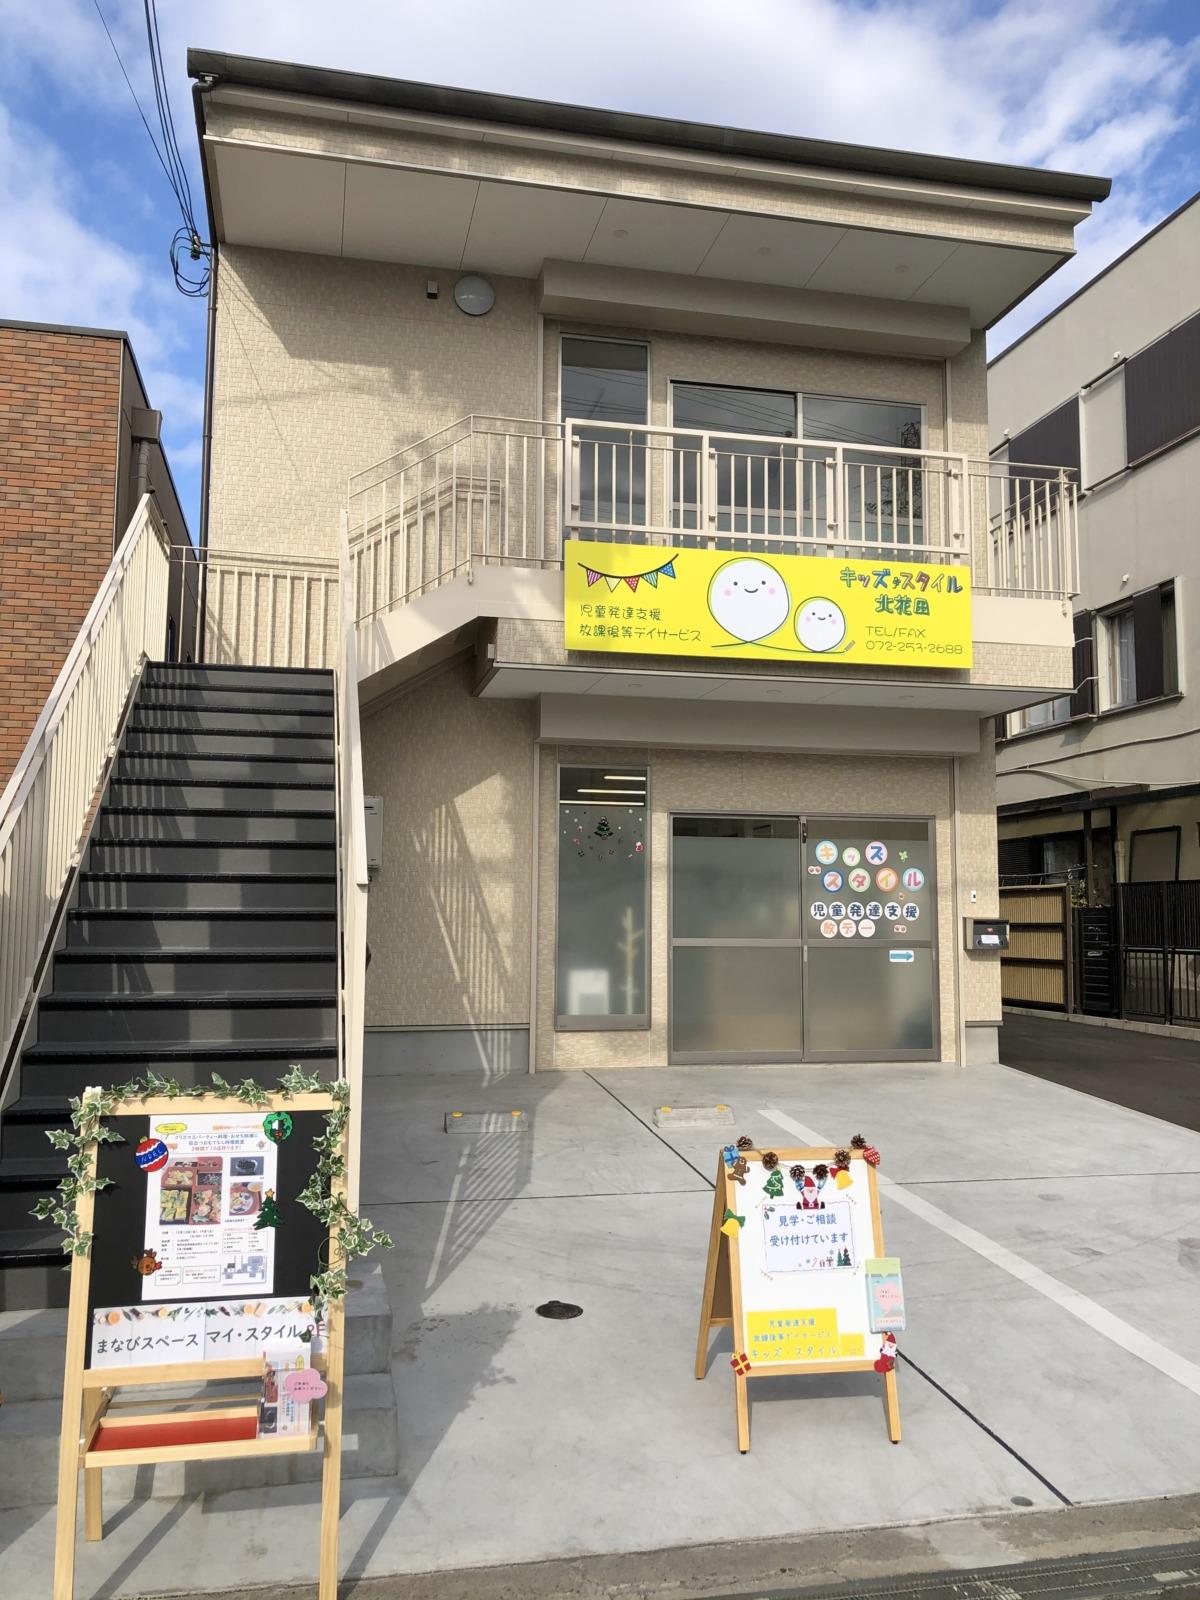 【2020年10月オープン♬】児童発達支援・放課後等デイサービス 『キッズ・スタイル 北花田』がオープンしていました!: